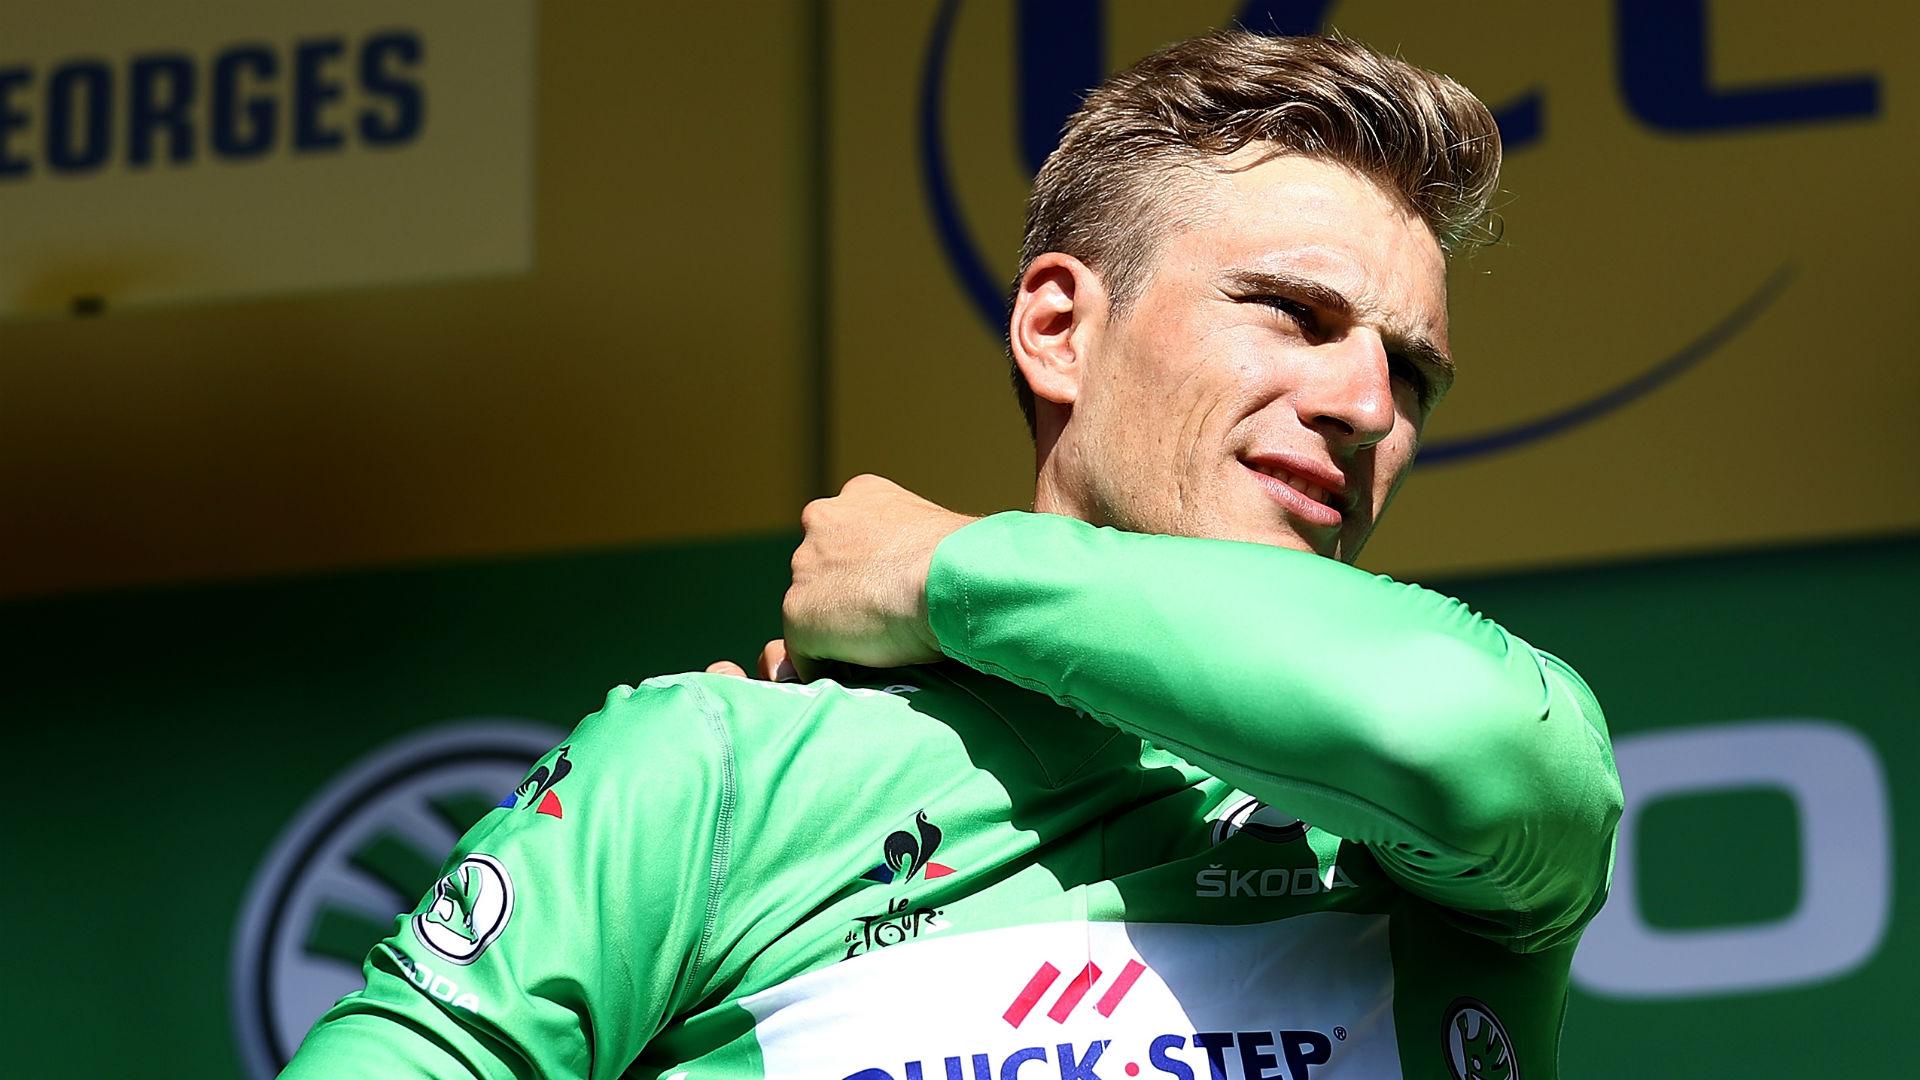 Tour De France Marcel Kittel Chris Froome Landmarks